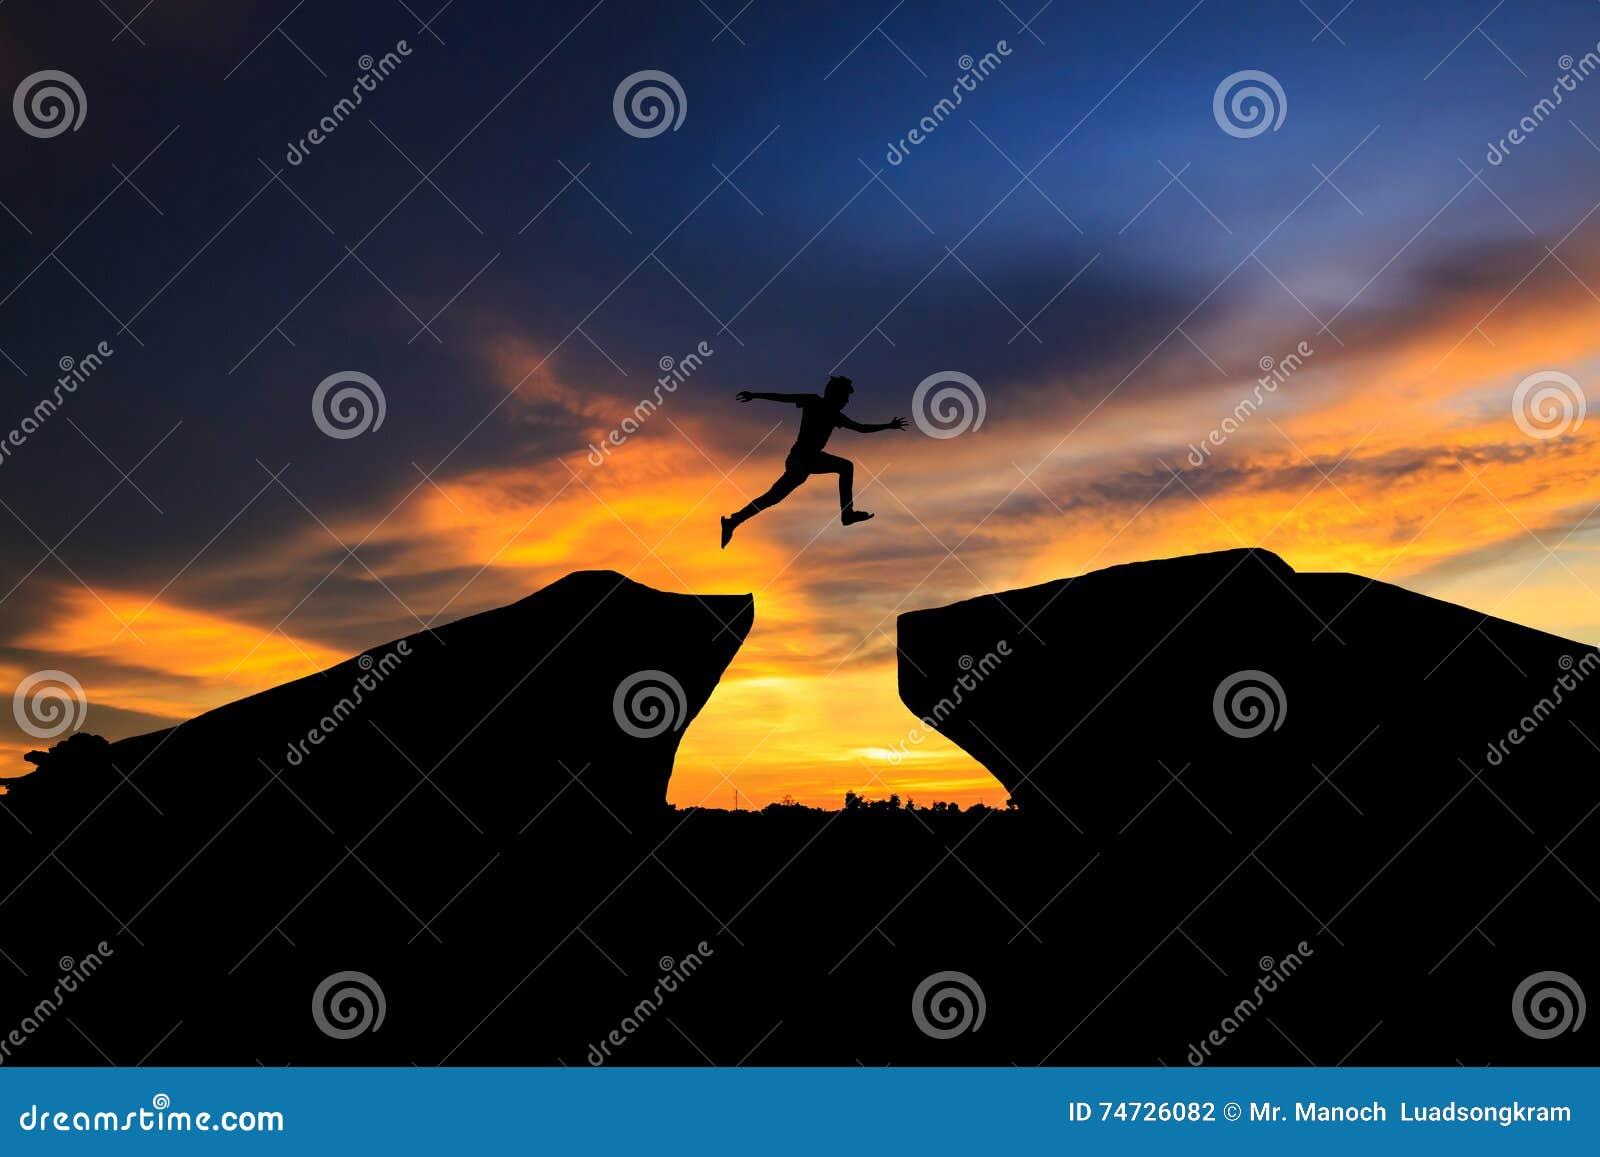 Siluetta dell uomo che salta sopra la scogliera sul fondo di tramonto